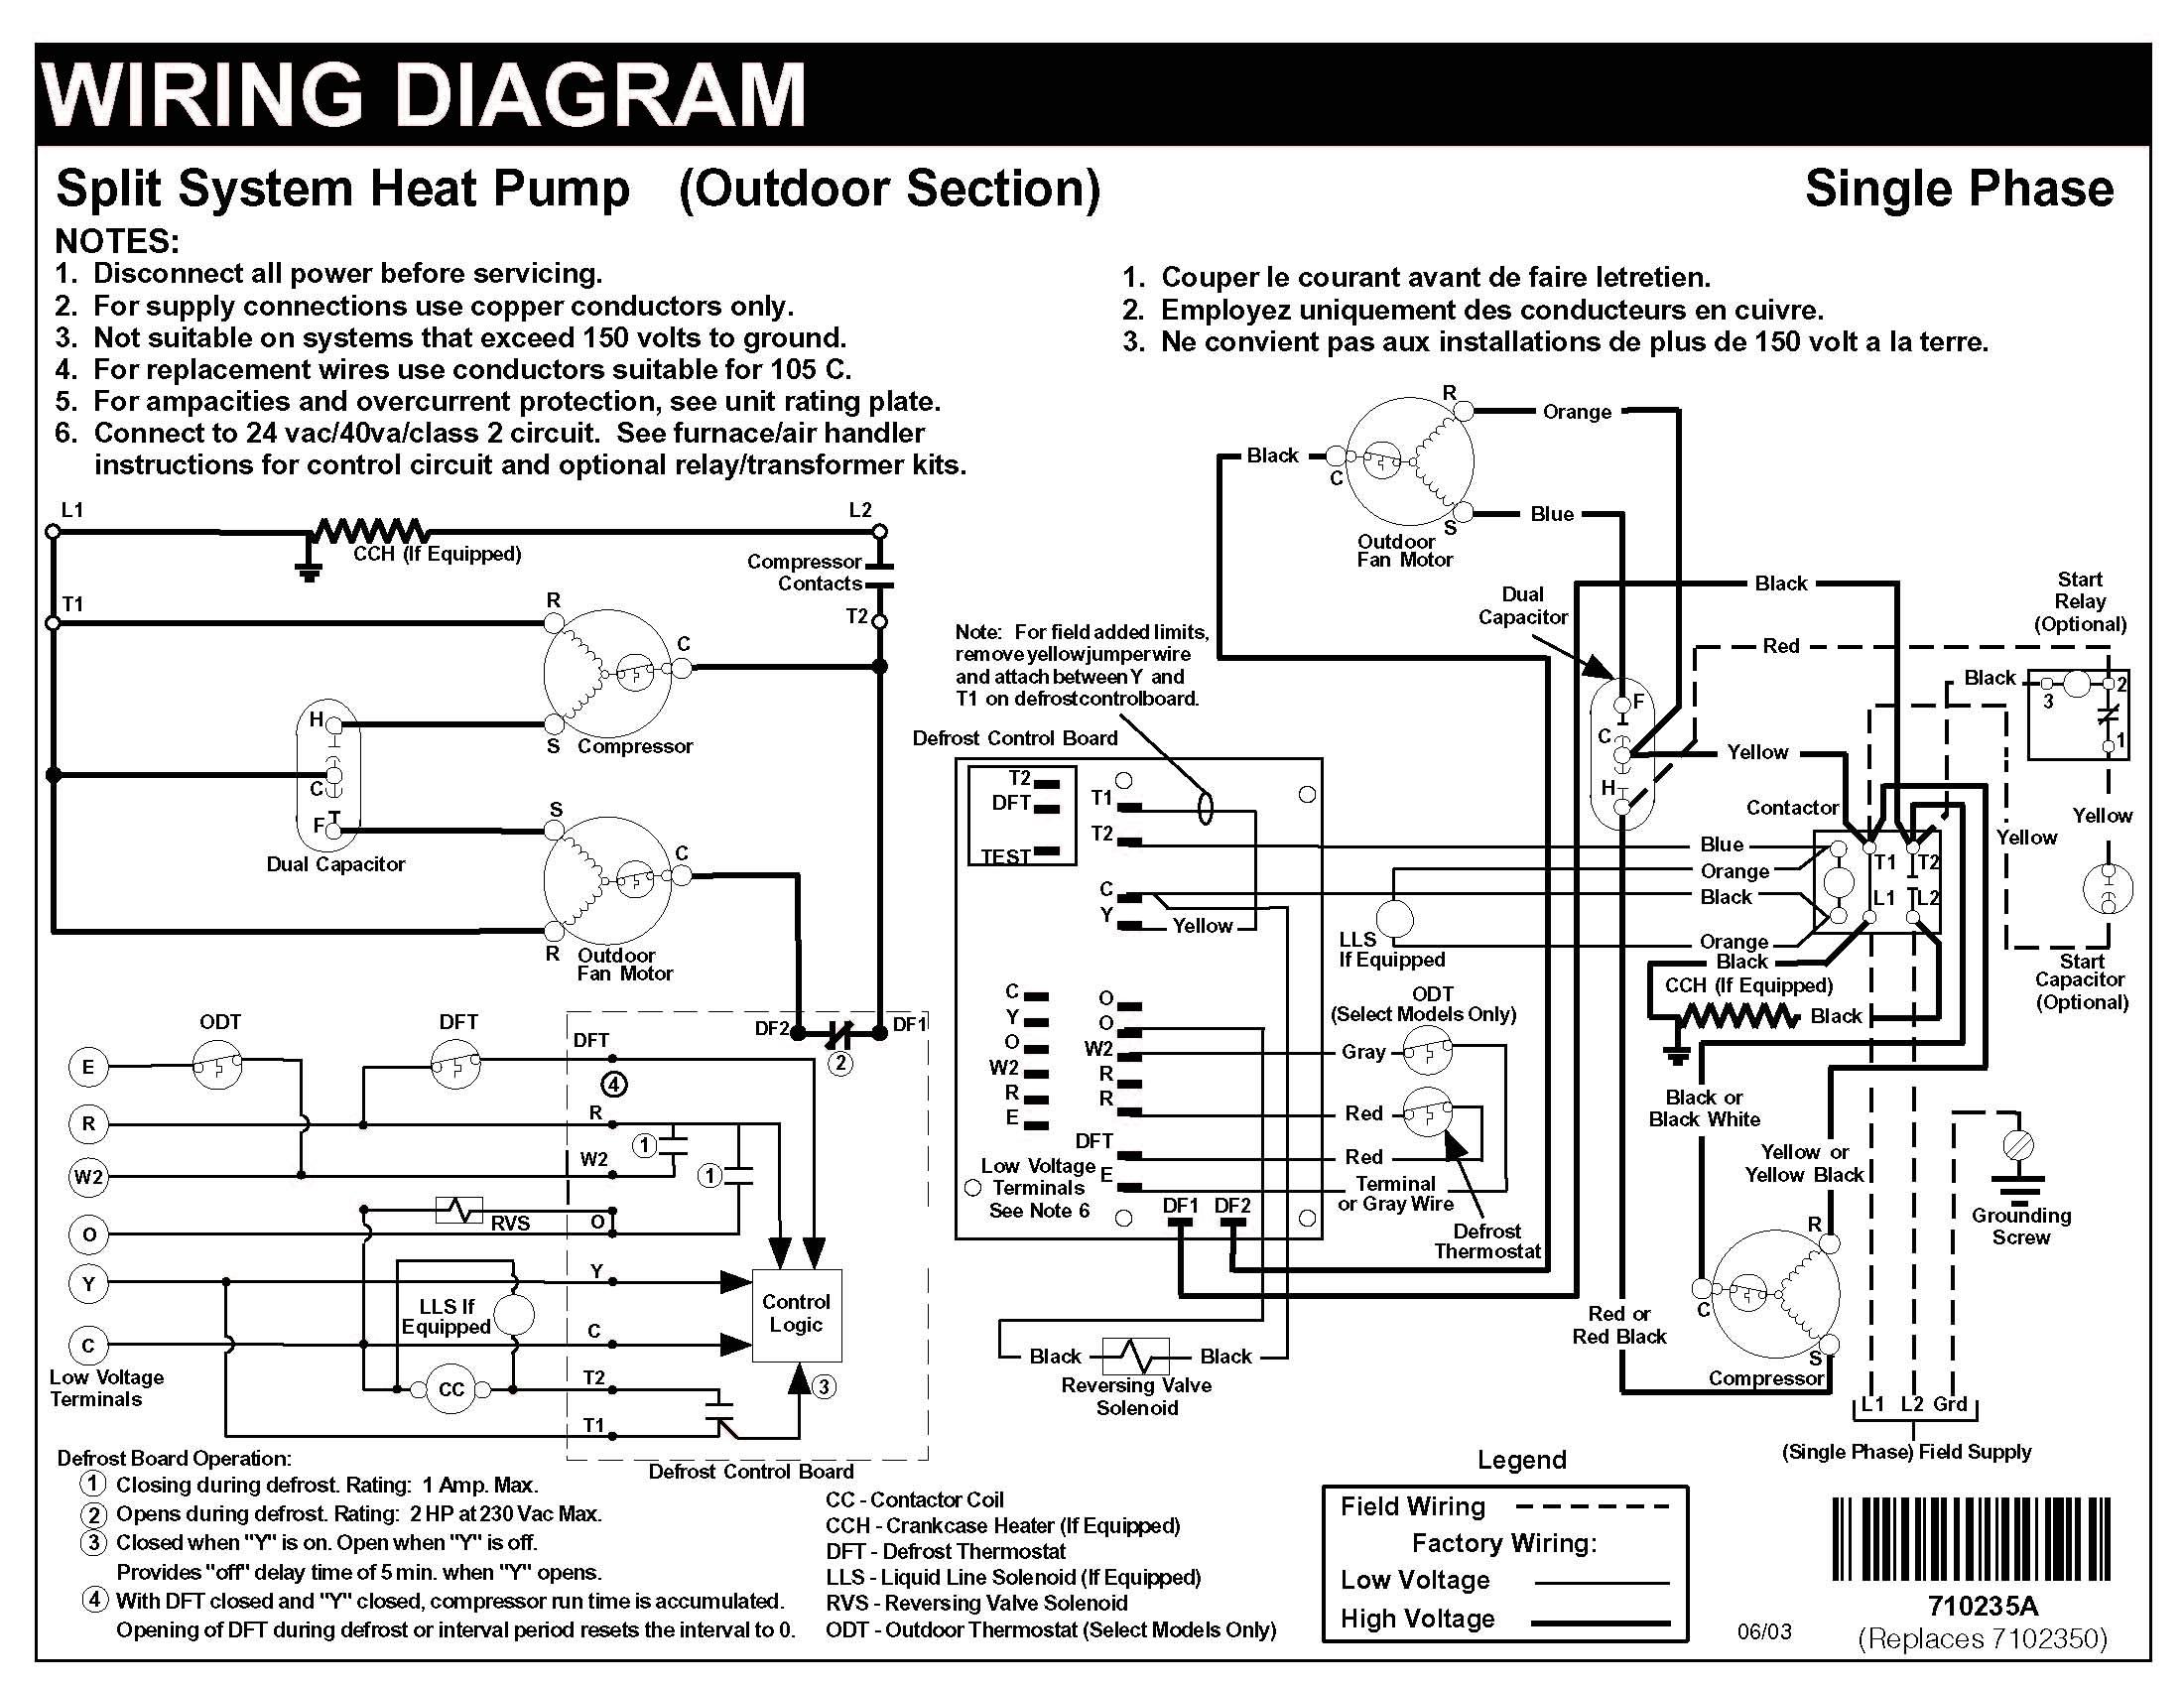 Hvac Heater Wiring Diagram   Schematic Diagram - 5 Wire To 4 Wire Trailer Wiring Diagram